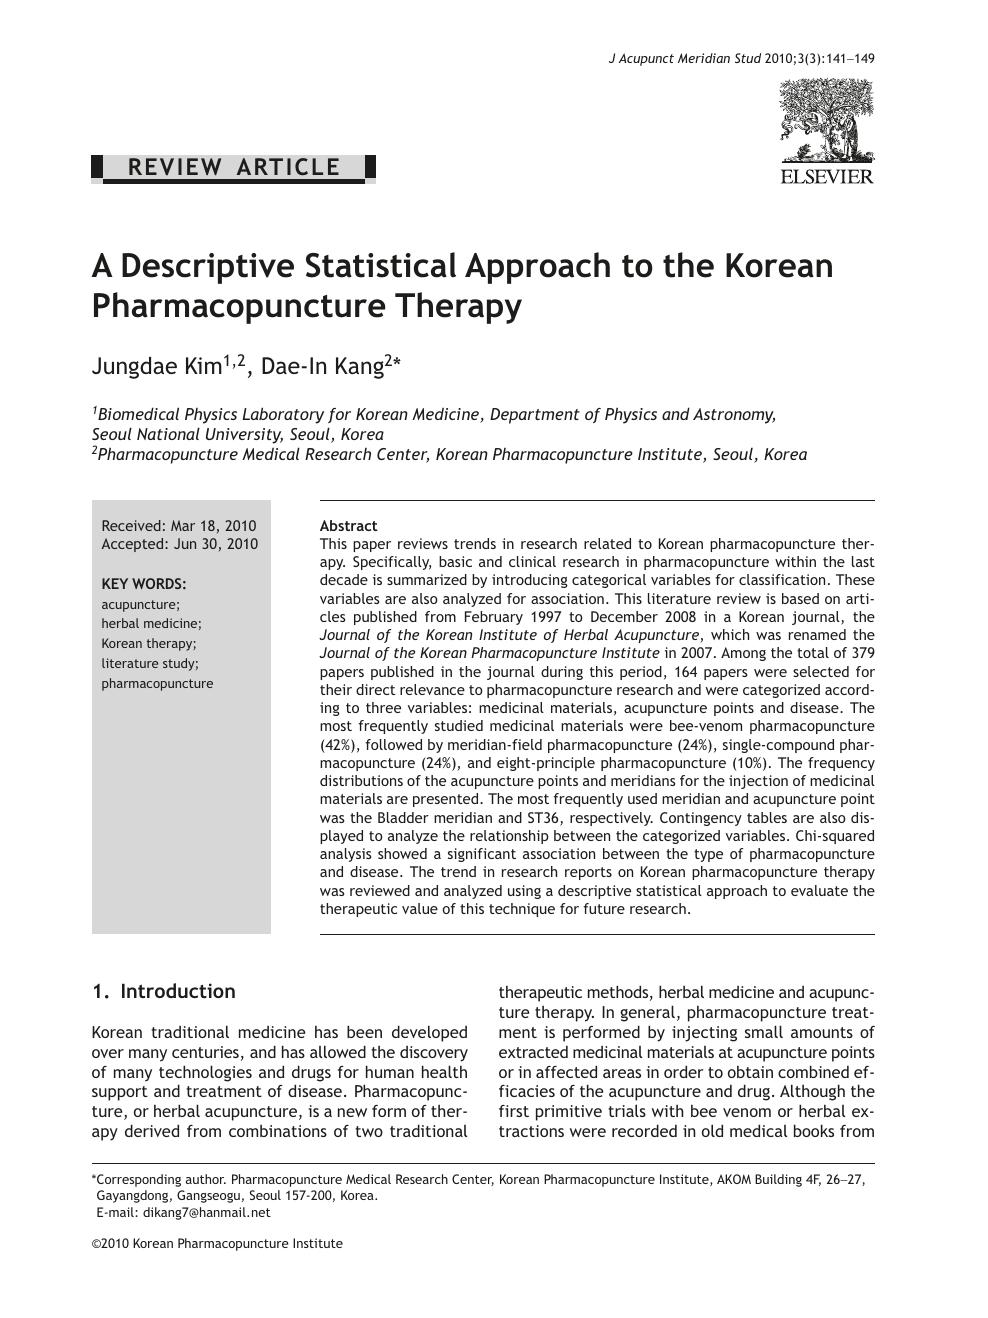 A Descriptive Statistical Approach to the Korean